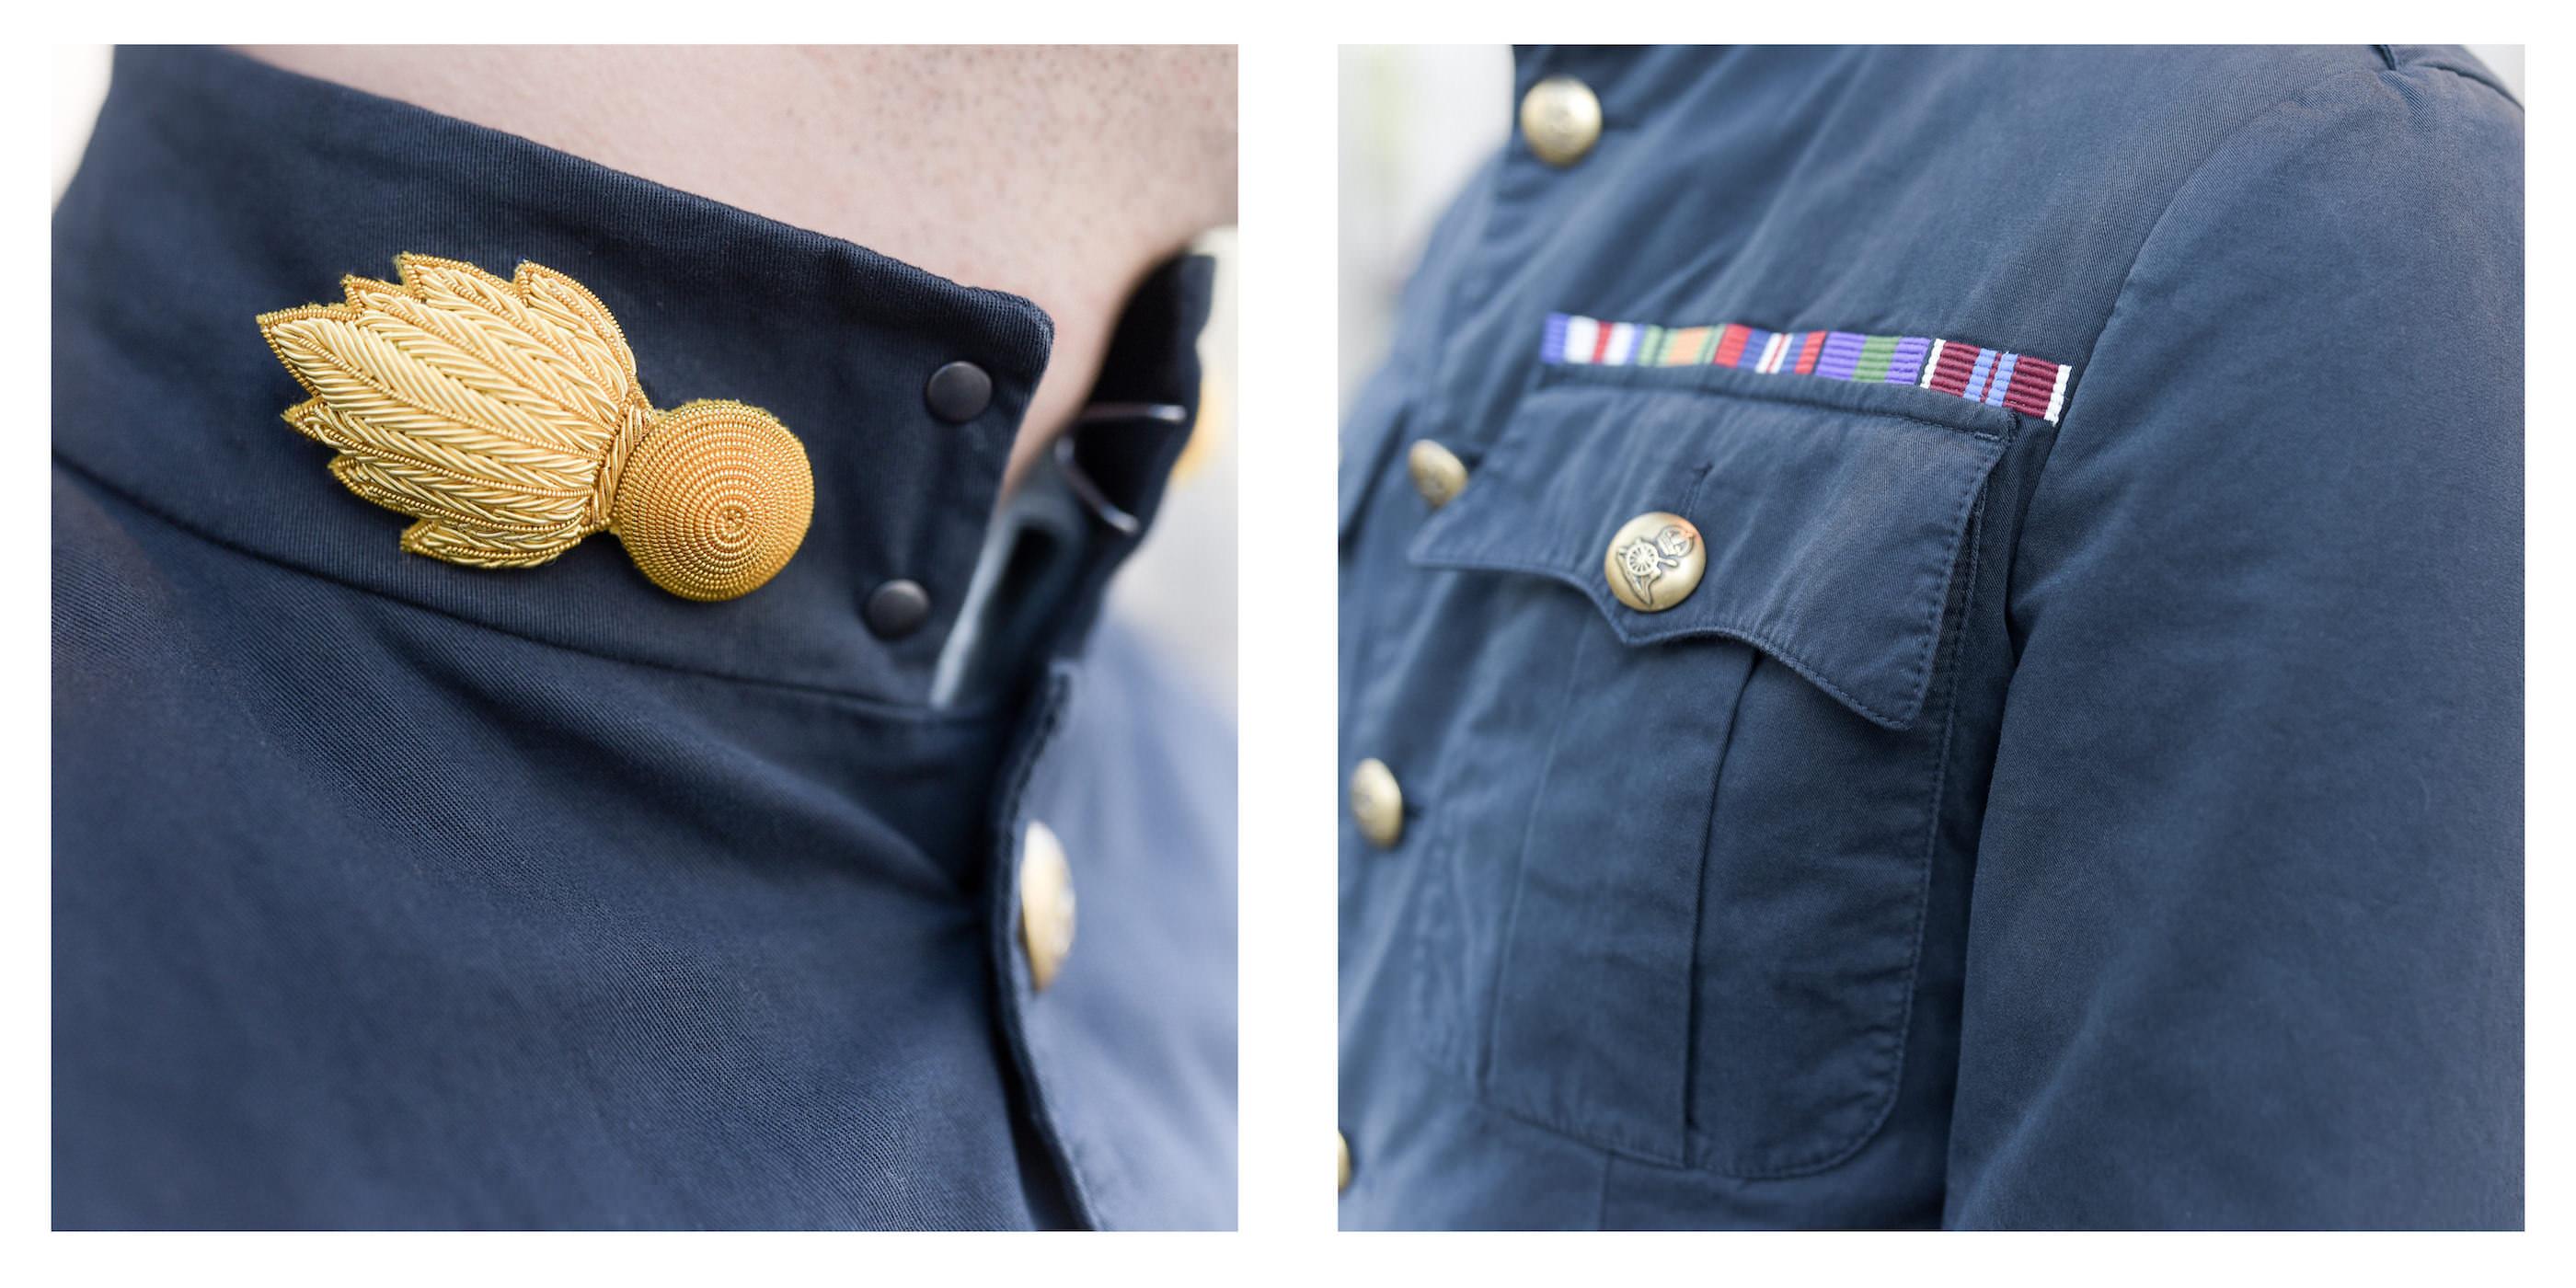 lieutenant jacket details